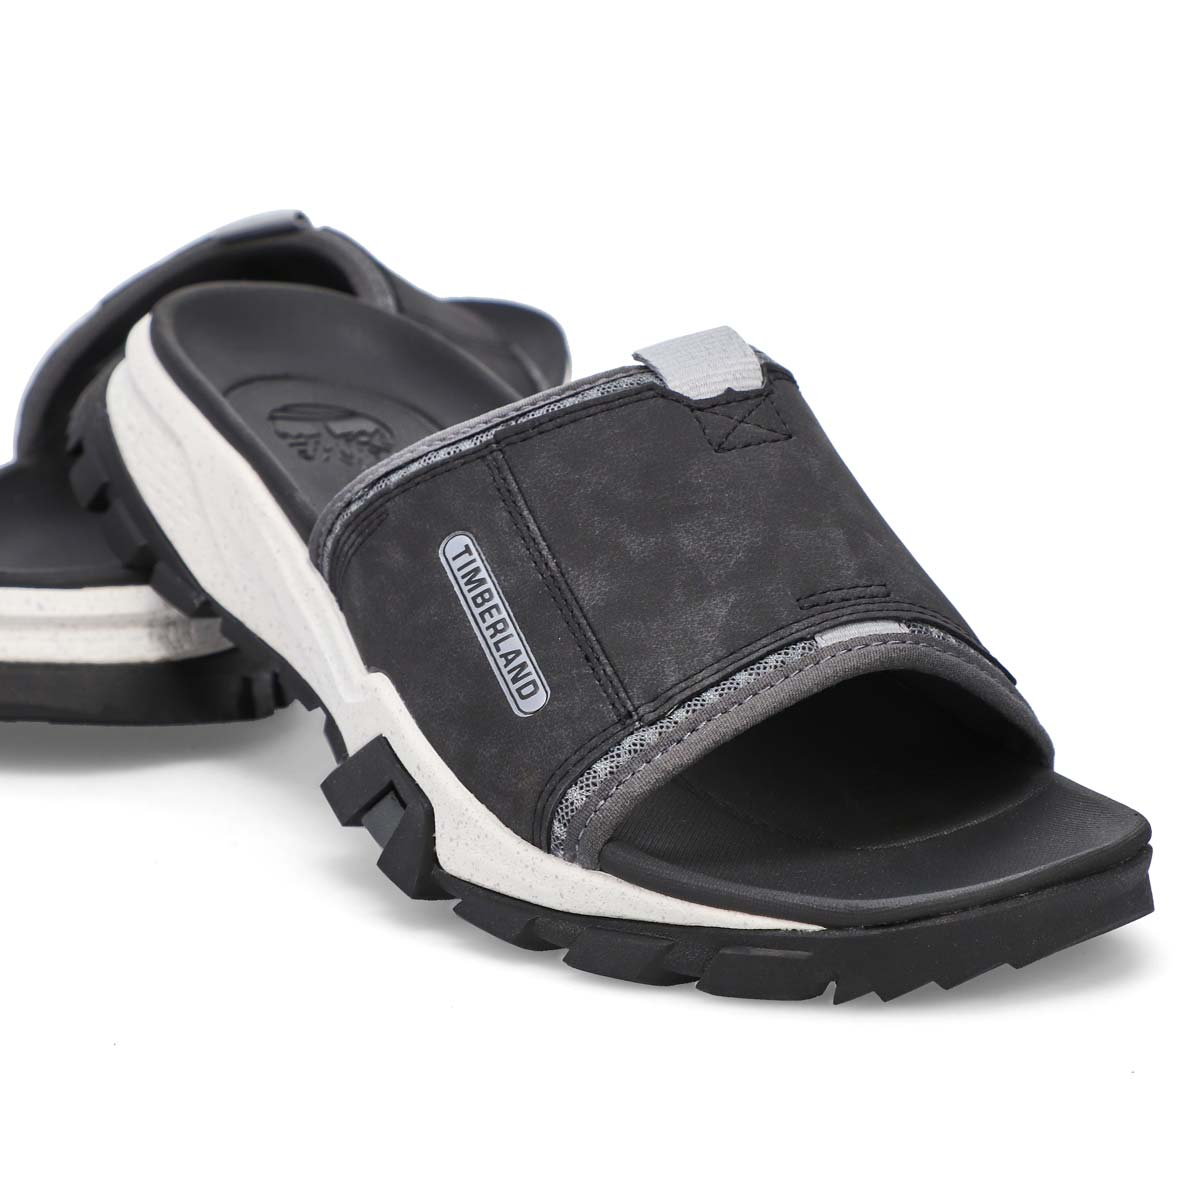 Men's Garrison Trail Slide Sandal - Black